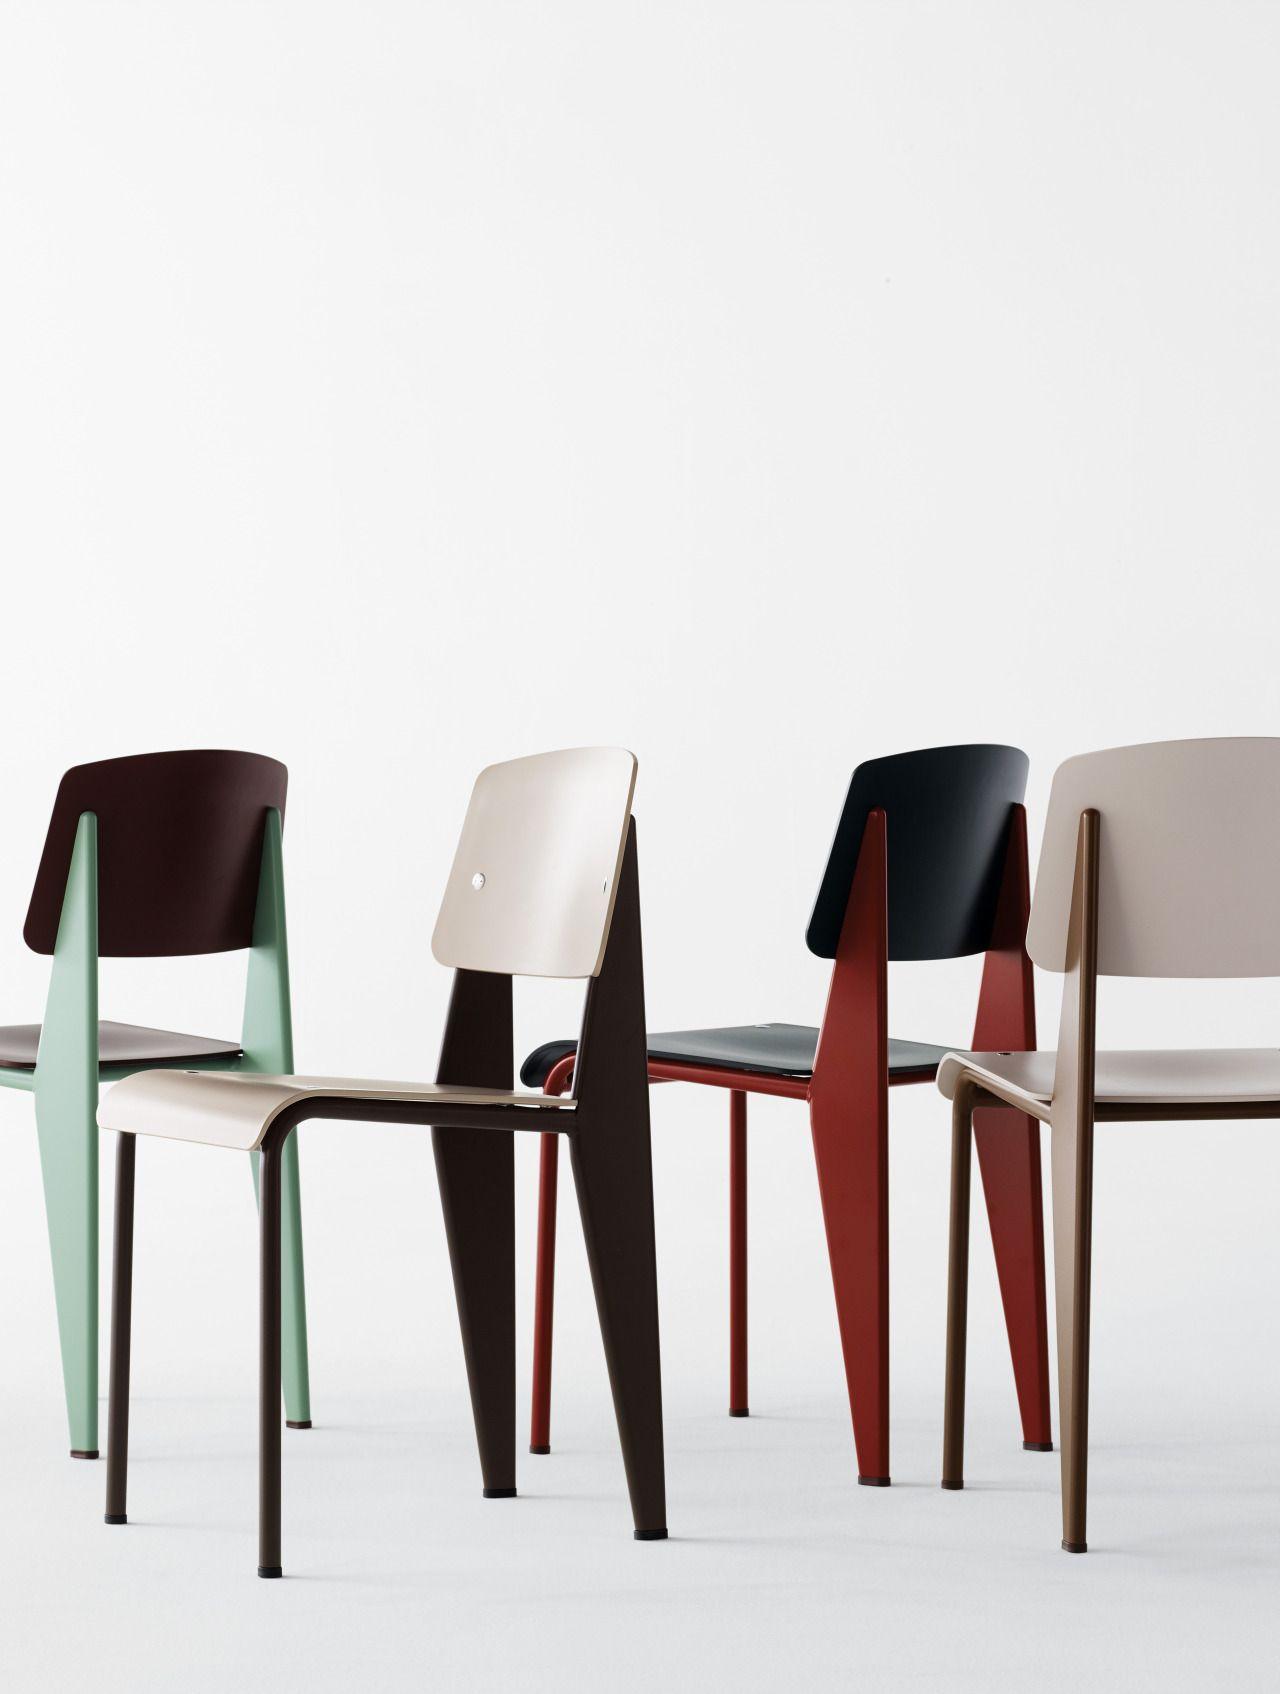 Prouvé Standard Chair by Vitra at DWR & Prouvé Standard Chair by Vitra at DWR | Furniture | Fixtures | Etc ...